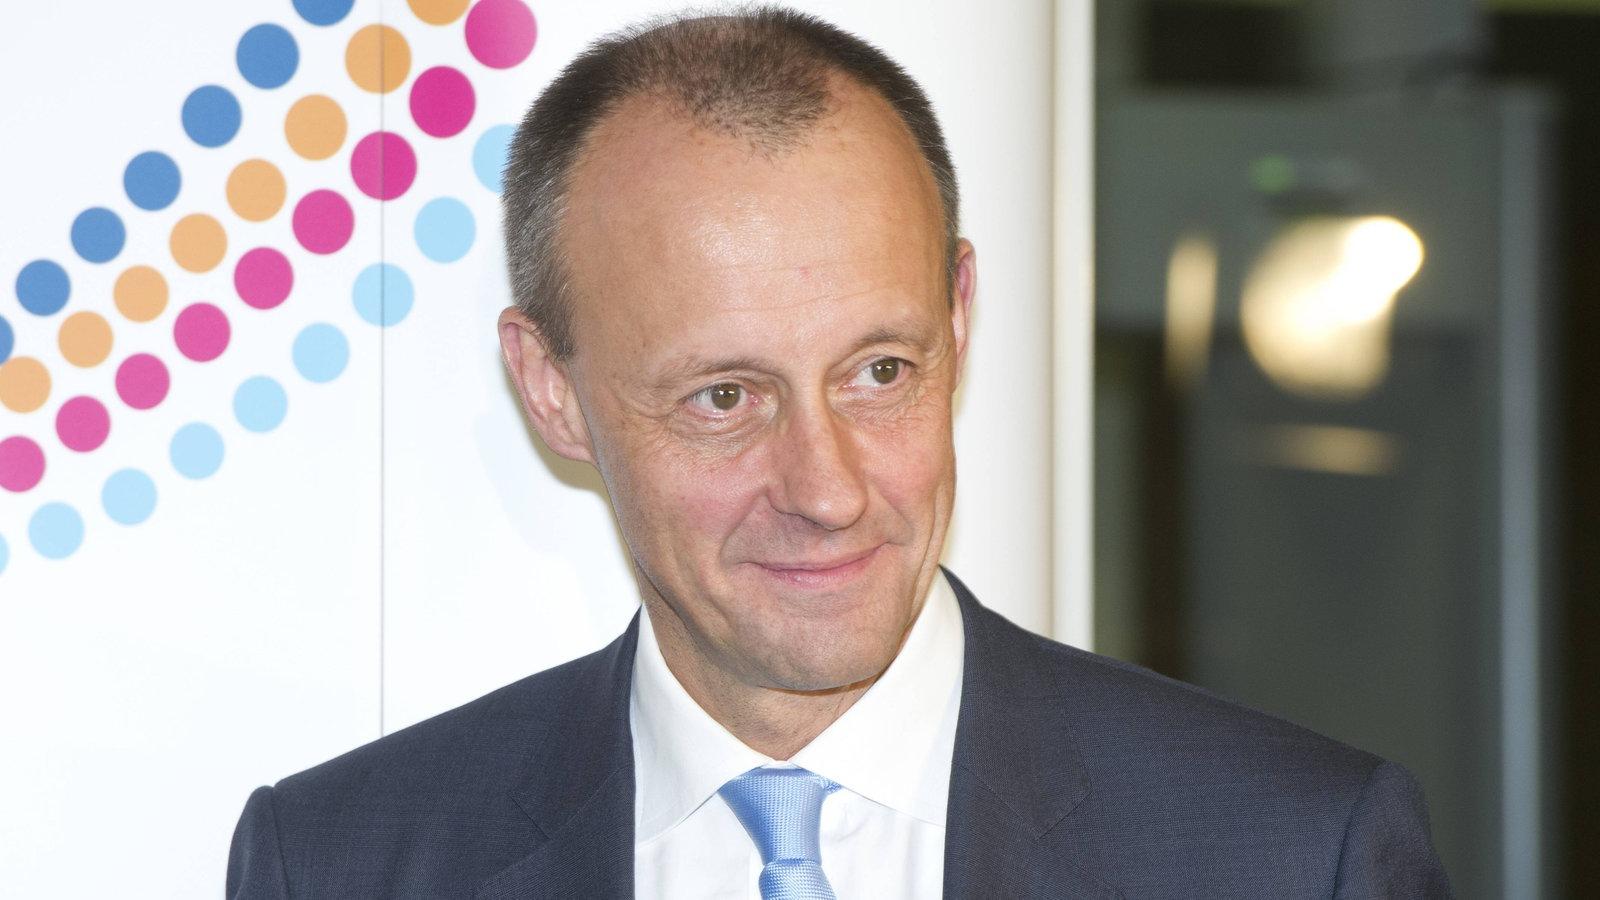 Es ist bekannt, dass der frühere Bundesfinanzminister Lafontaine mit seinen G8-Kollegen Ende / Anfang über grundlegend neue Regulierungen der internationalen Finanzmärkte beraten hat und konkrete Ergebnisse erzielt waren.